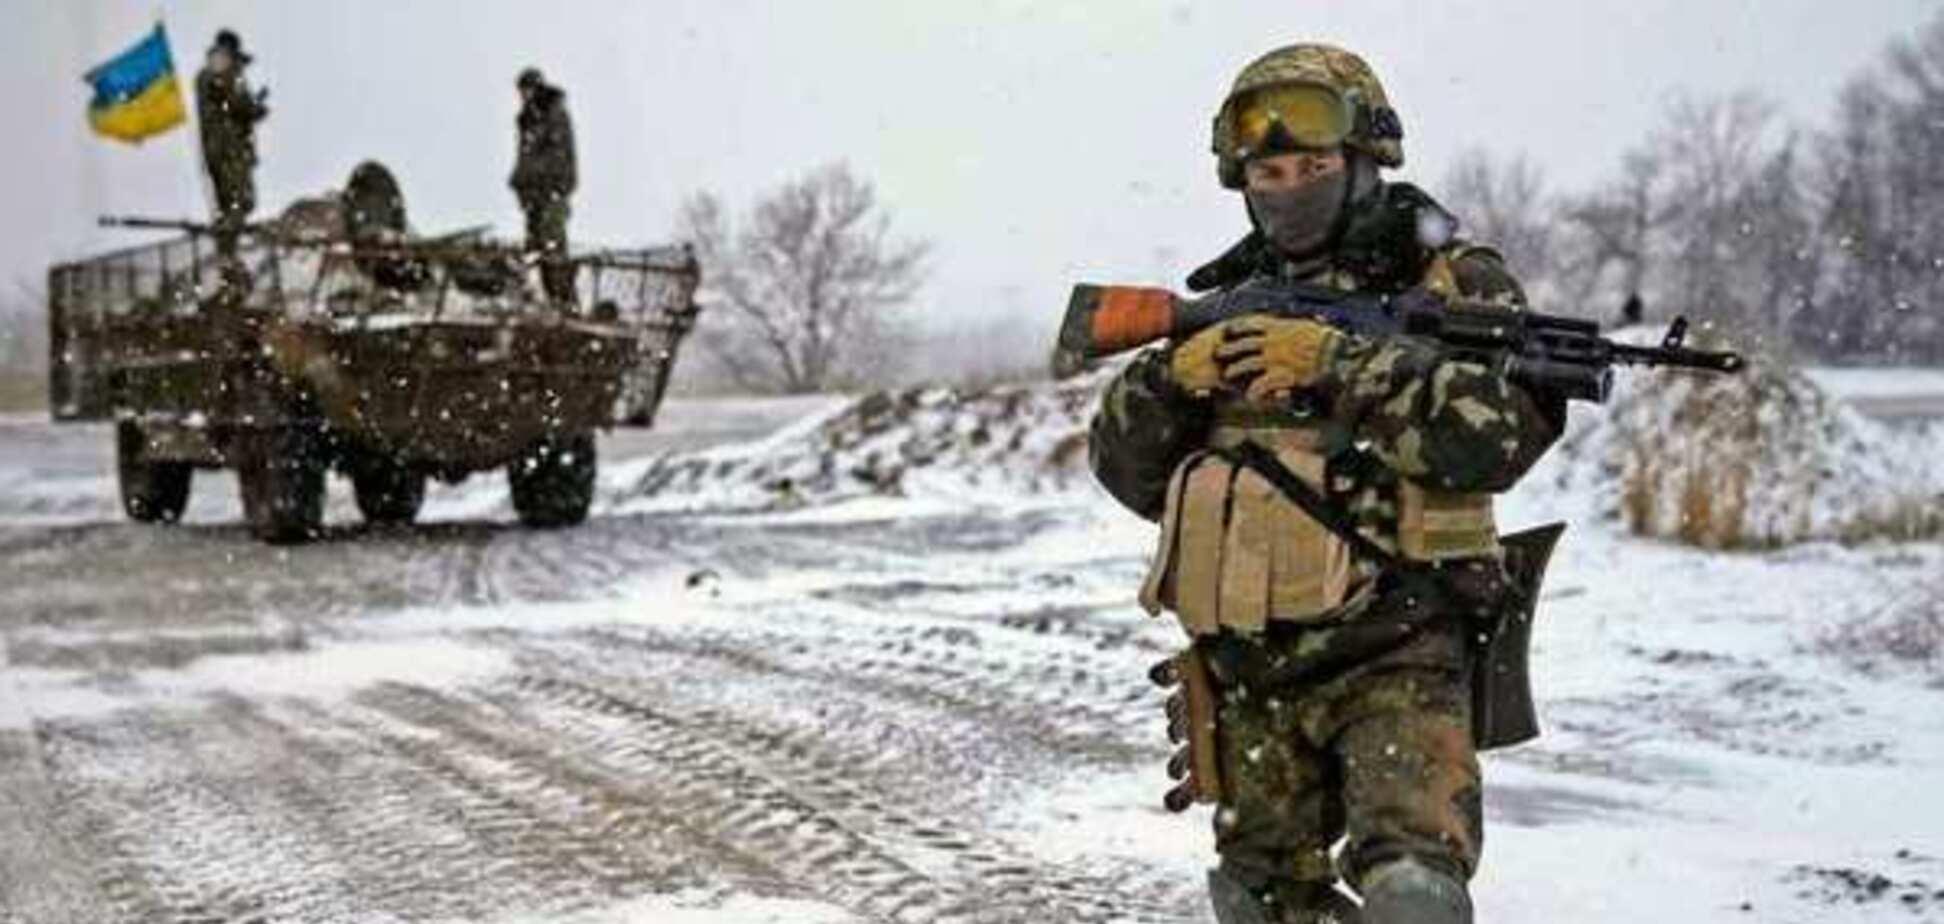 'Л/ДНР' розв'язали криваві бої на Донбасі: є вбиті й поранені